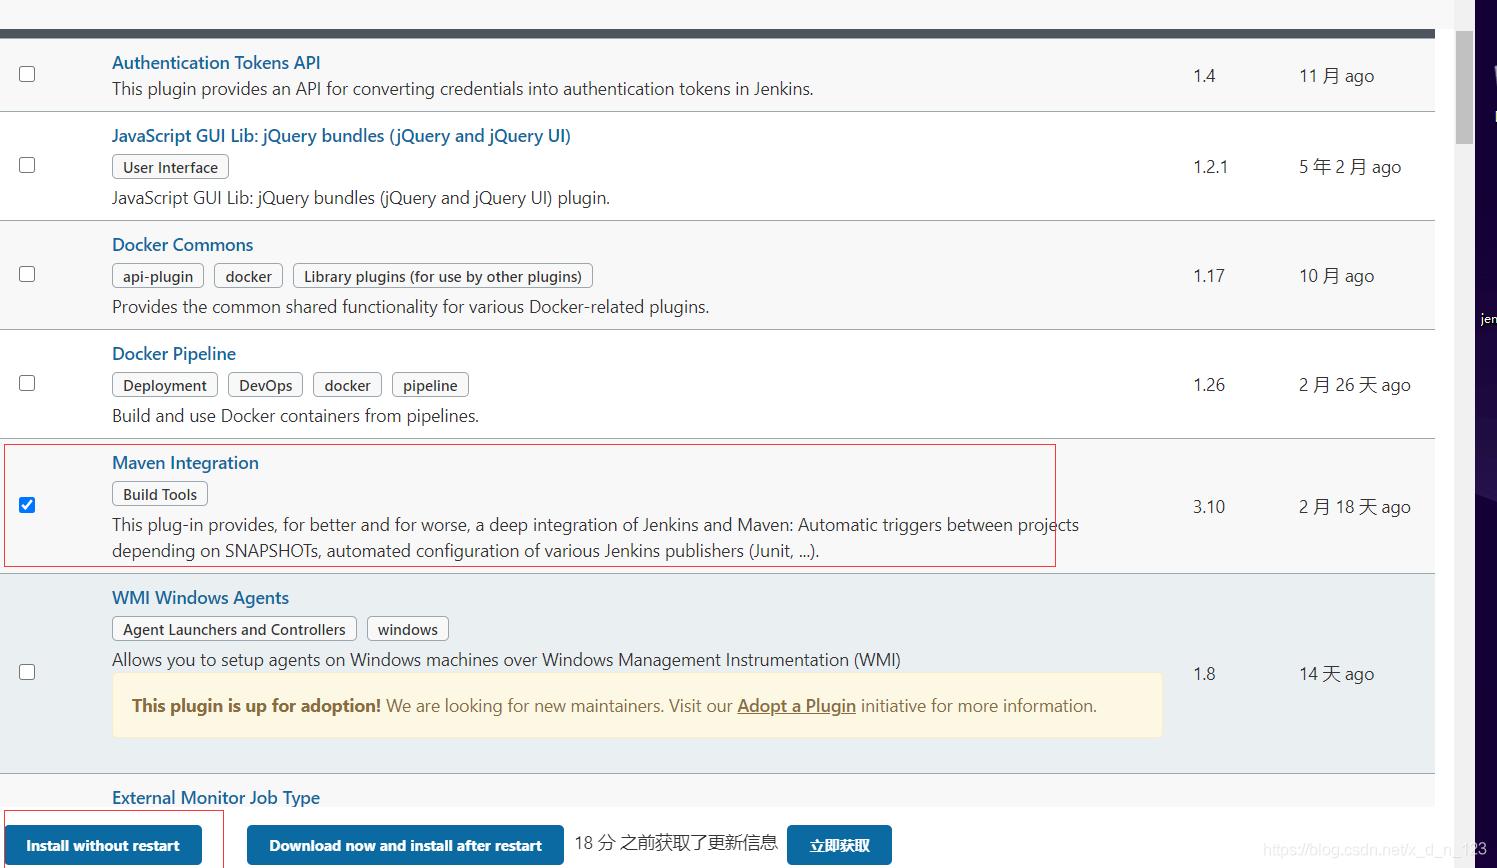 [外链图片转存失败,源站可能有防盗链机制,建议将图片保存下来直接上传(img-rV2um90q-1624539679414)(C:\Users\86187\Desktop\624\assests\1.4.png)]